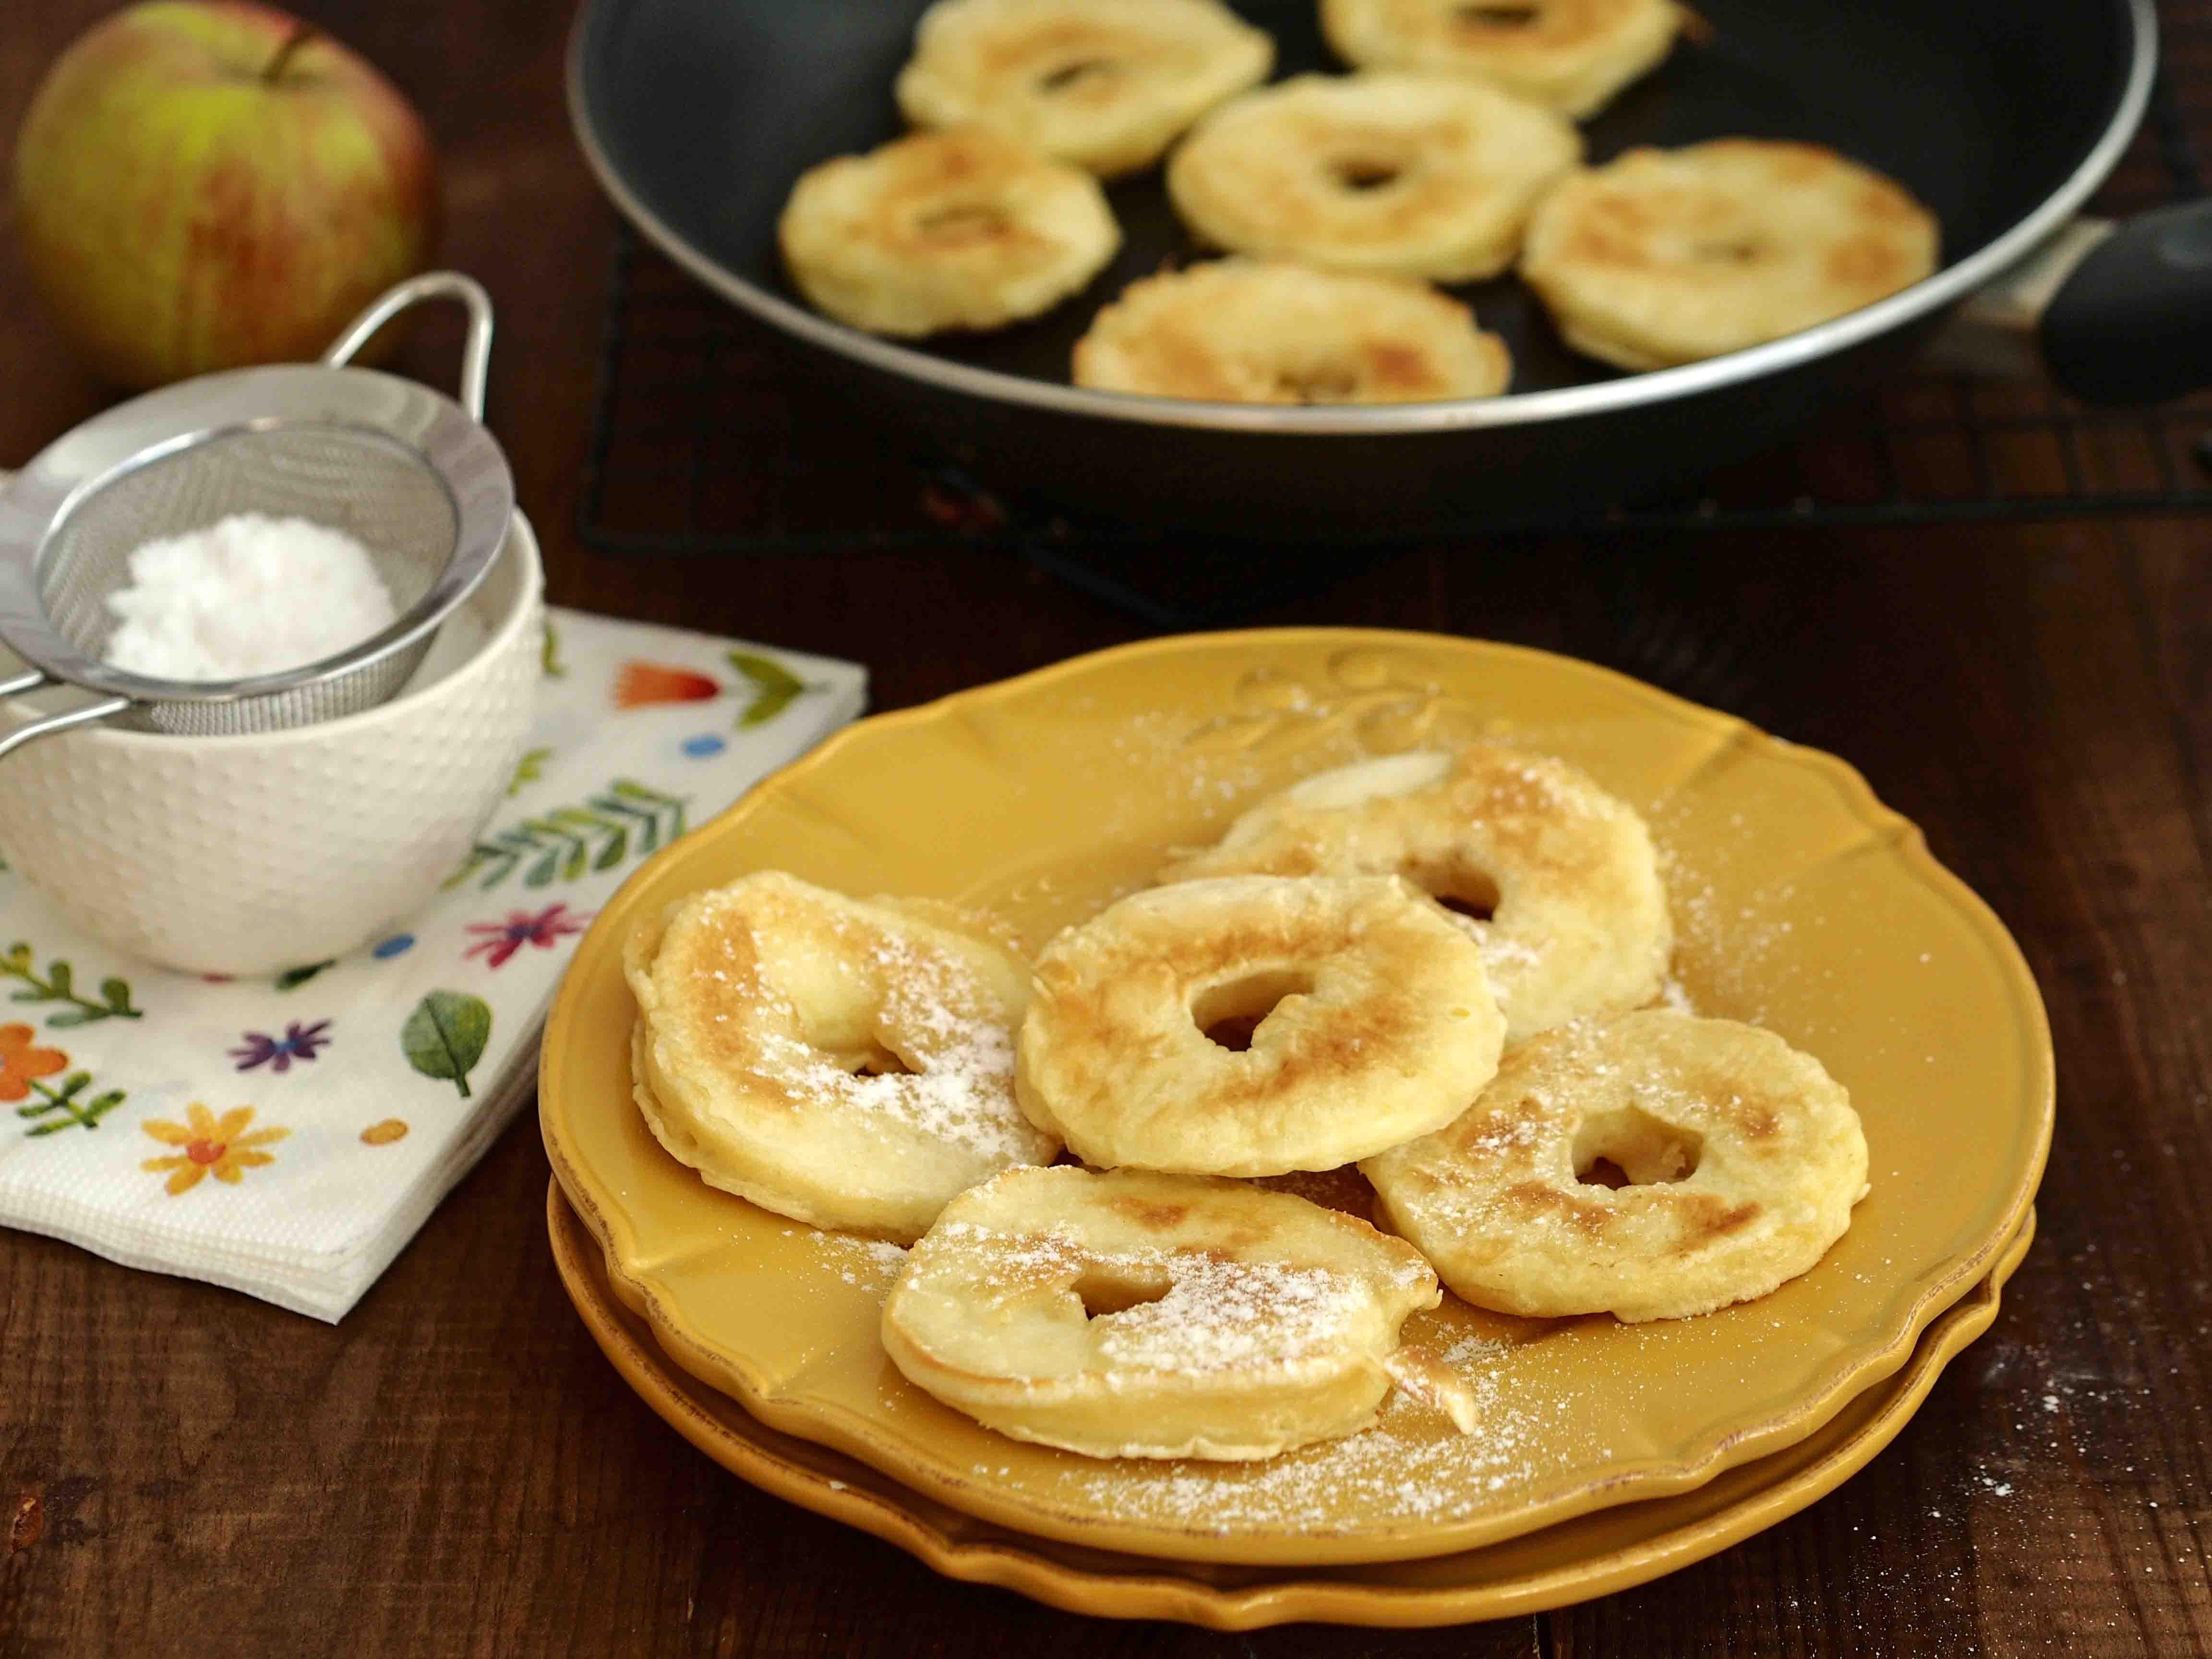 jabłka smażone w cieście naleśnikowym, oprószone cukrem pudrem - Wszystkiego Słodkiego